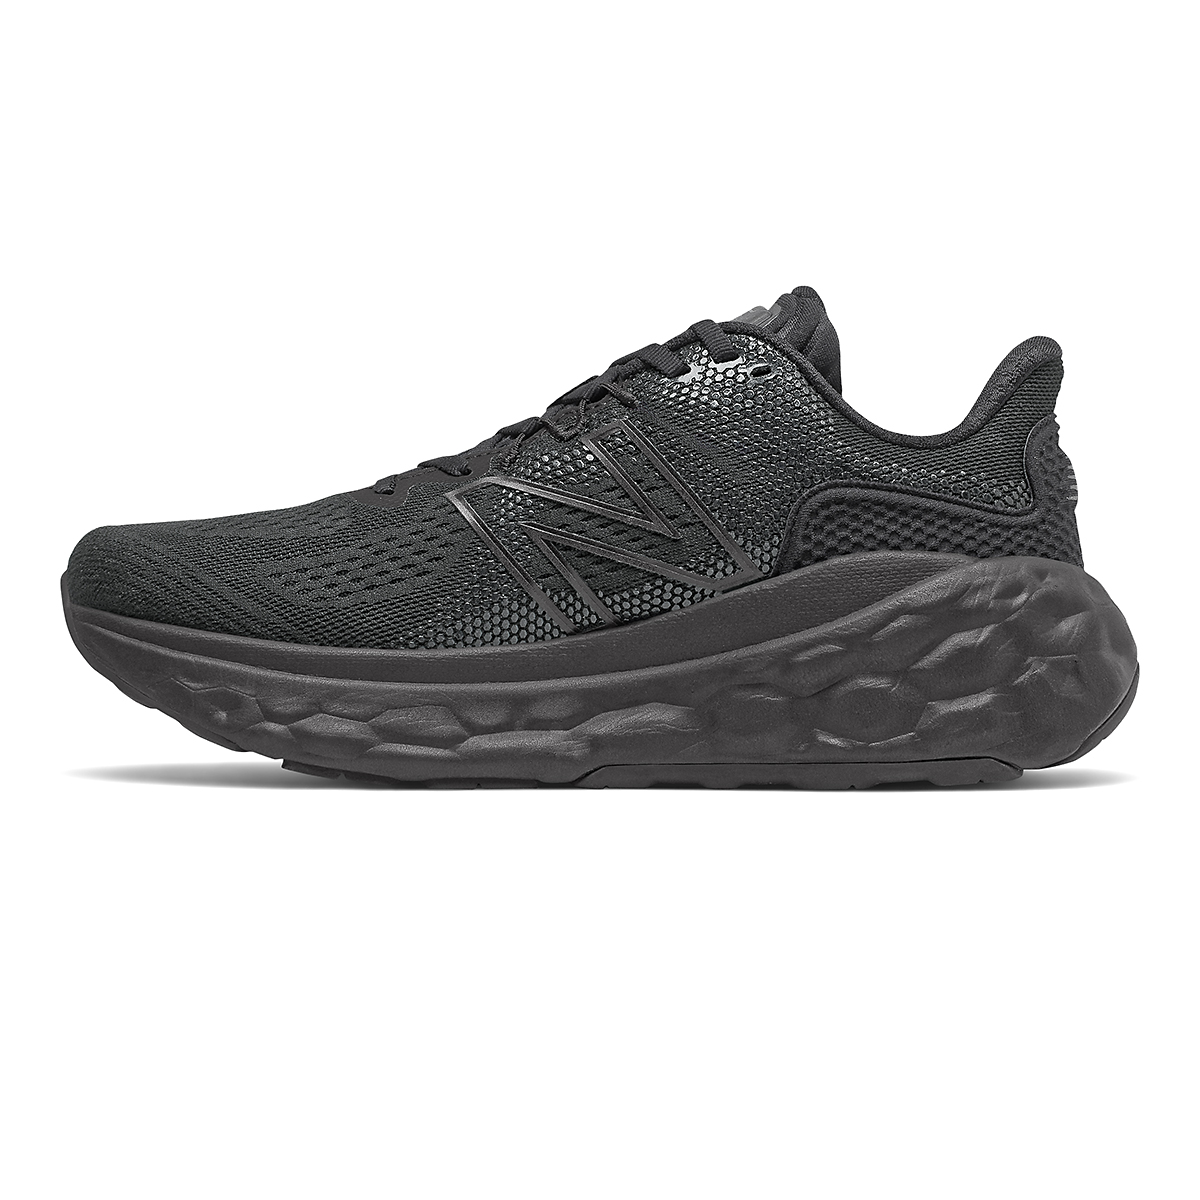 Men's New Balance Fresh Foam More V3 Running Shoe - Color: Black - Size: 7 - Width: Wide, Black, large, image 2